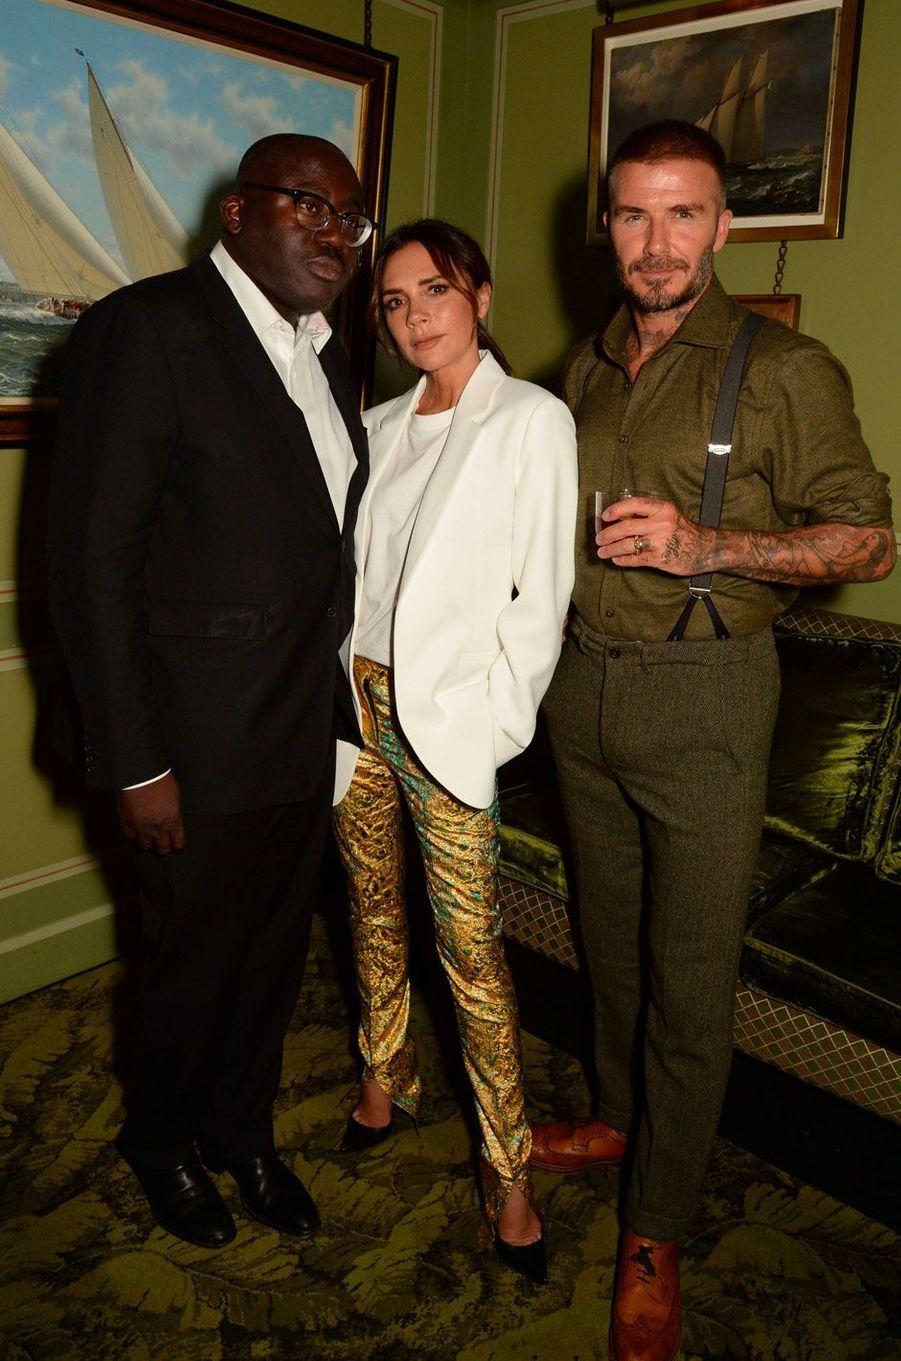 """Victoria et David Beckham avec Edward Enninful à la soirée anniversaire """"Victoria Beckham x Vogue"""", à Londres le 16 septembre 2018"""